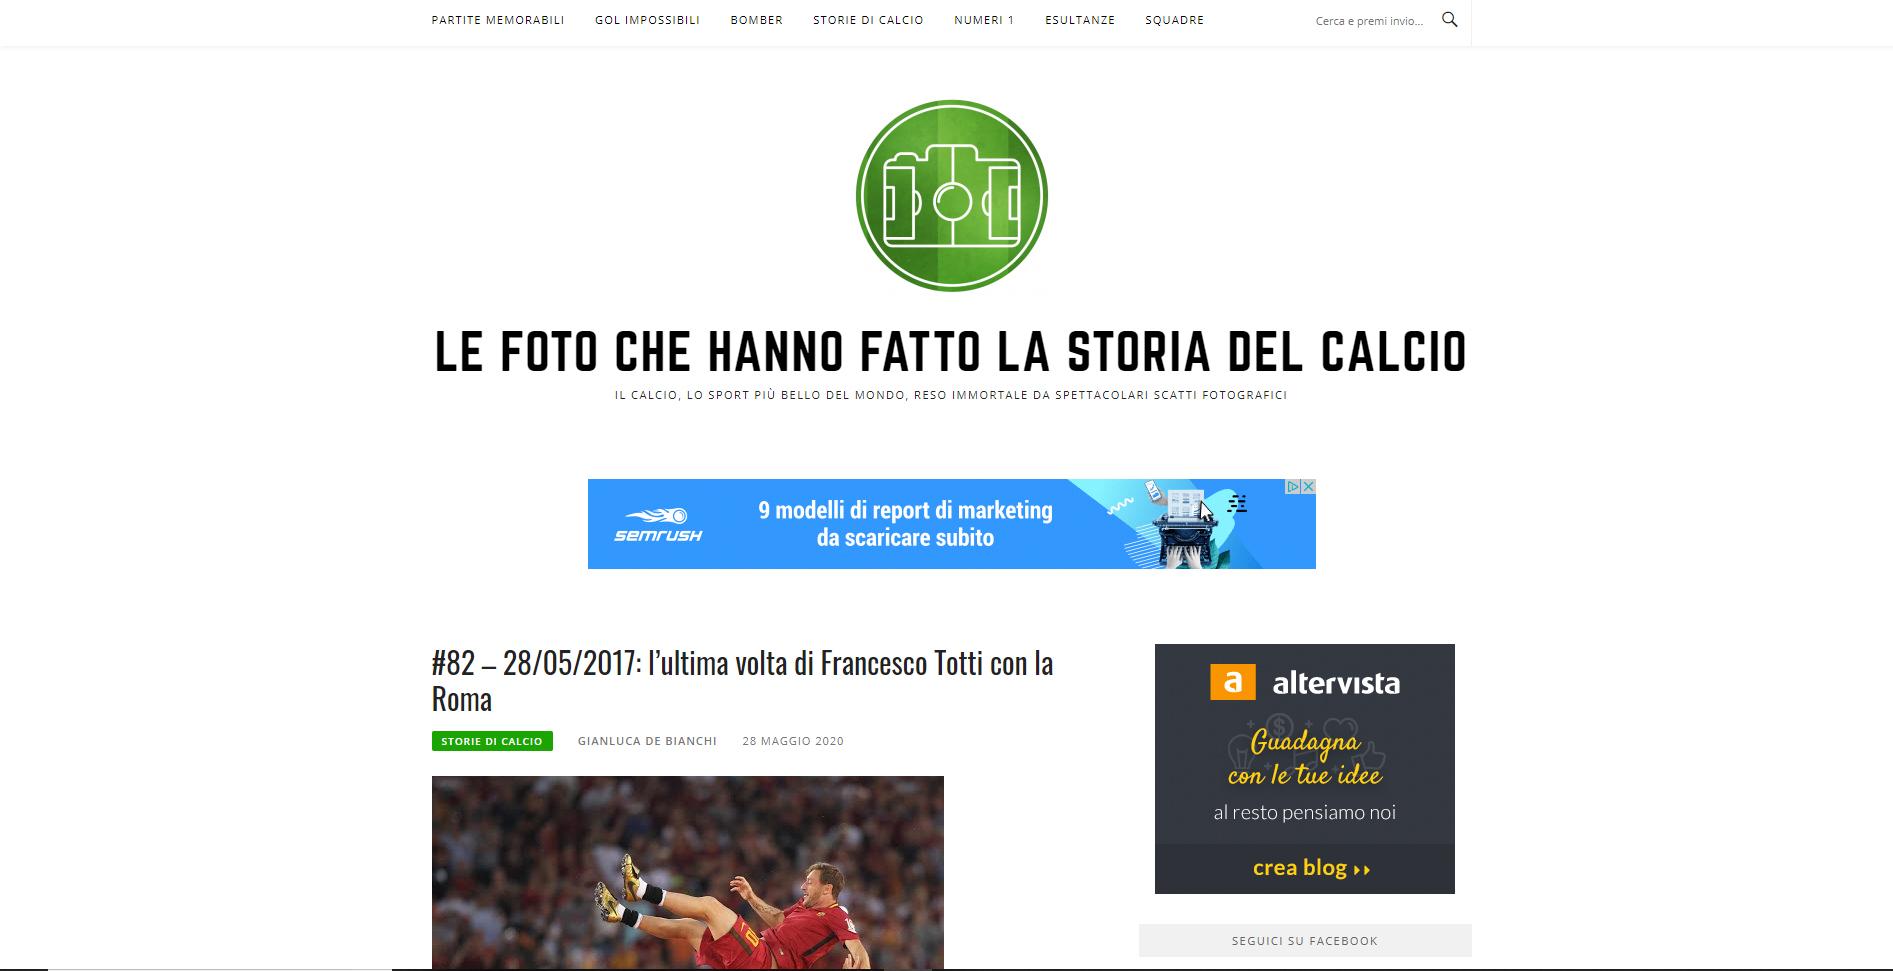 Le foto che hanno fatto la storia del calcio - Gianluca De Bianchi - Jeanzilla